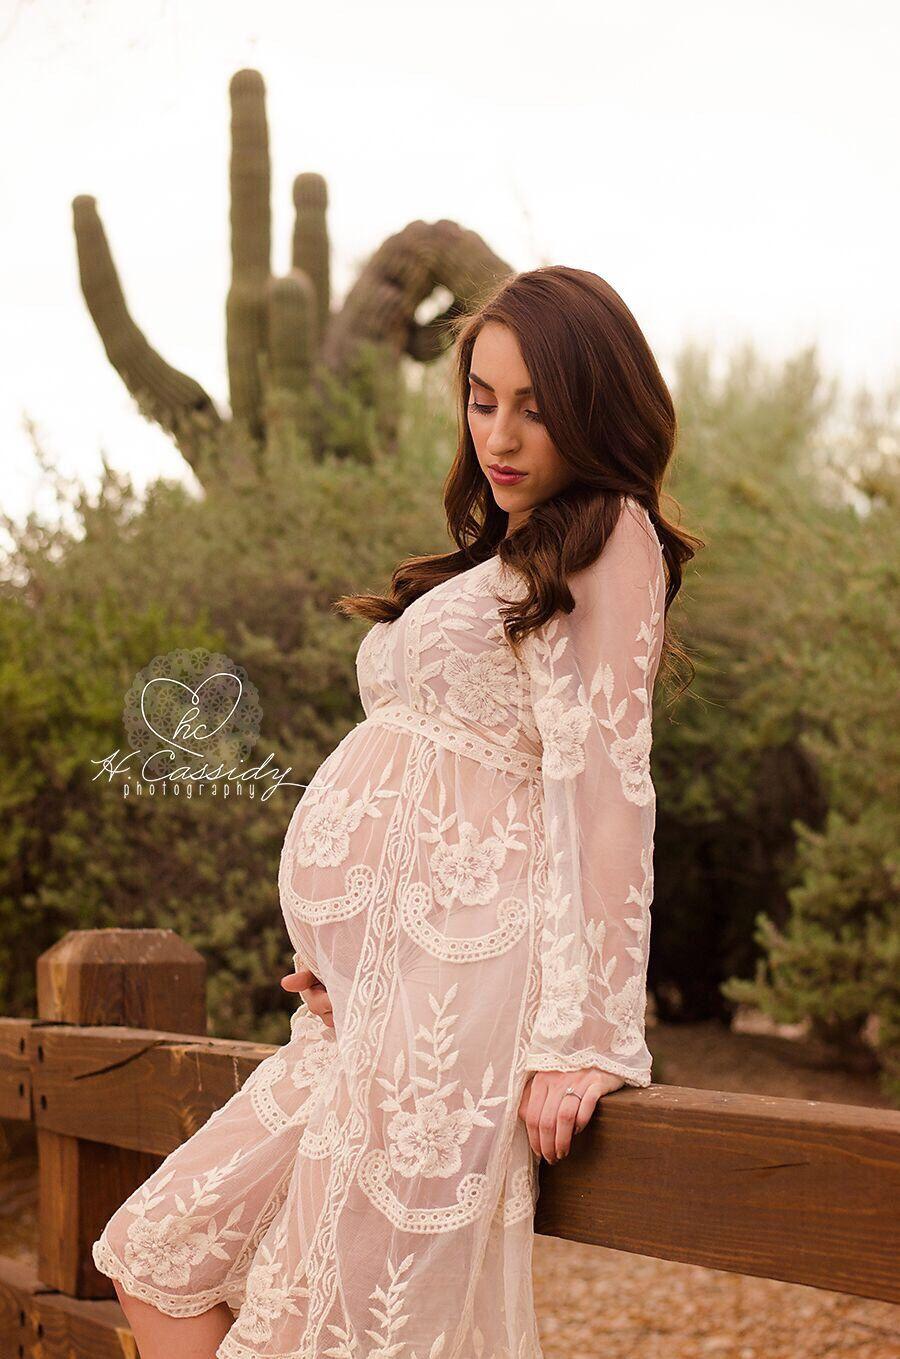 98528b50e6f RTS Knee Length Beige Maternity Dress, Beige Lace Maternity Gown, Lace  Maternity Dress,